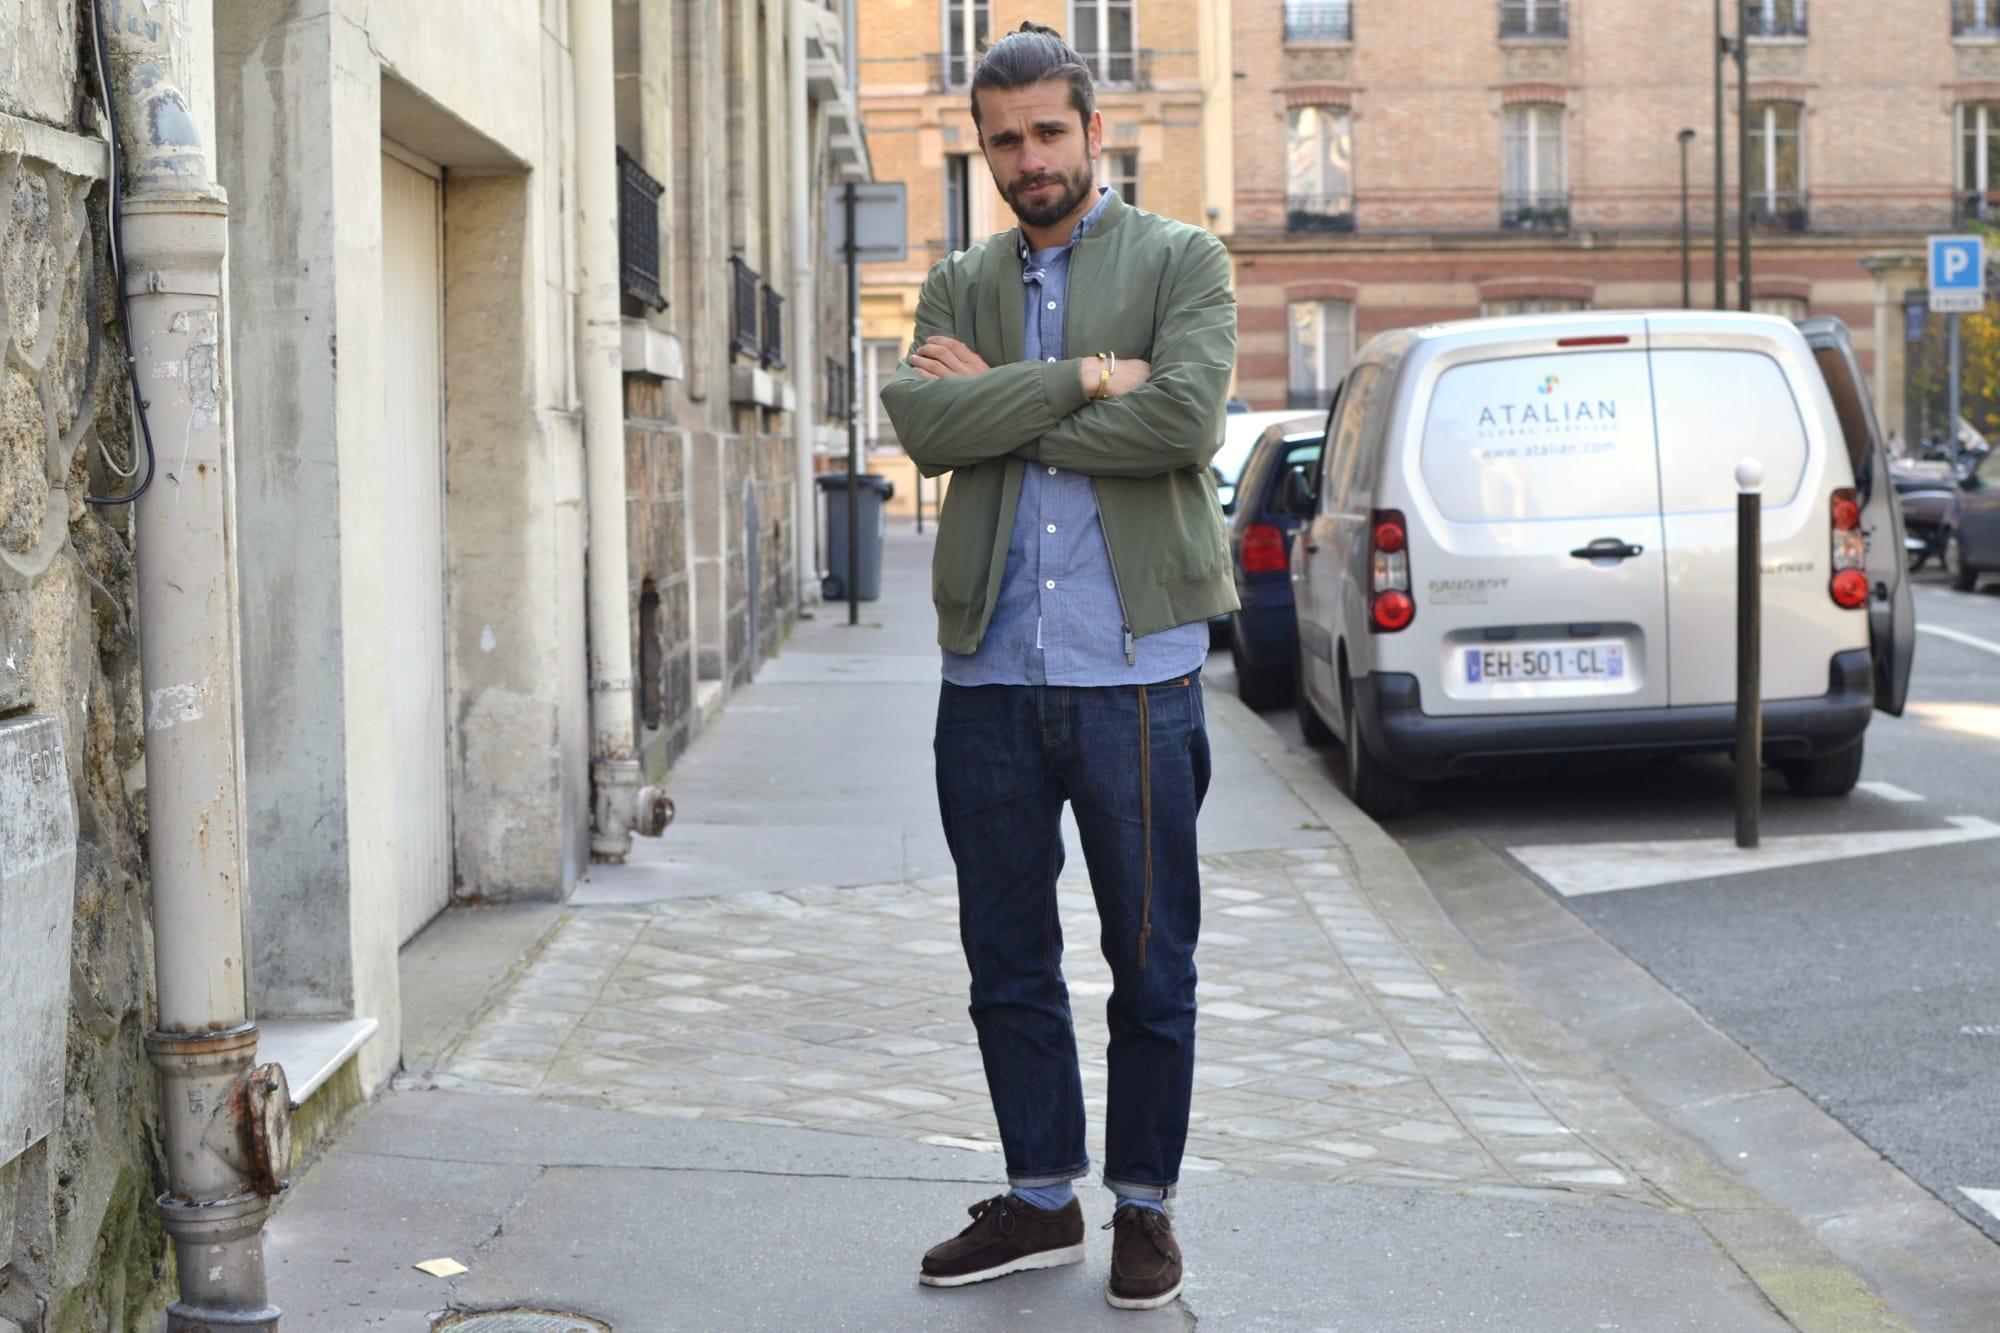 une tenue entre casual chic et street heritage avec une touche techwear aevc ce bomber kai NN07